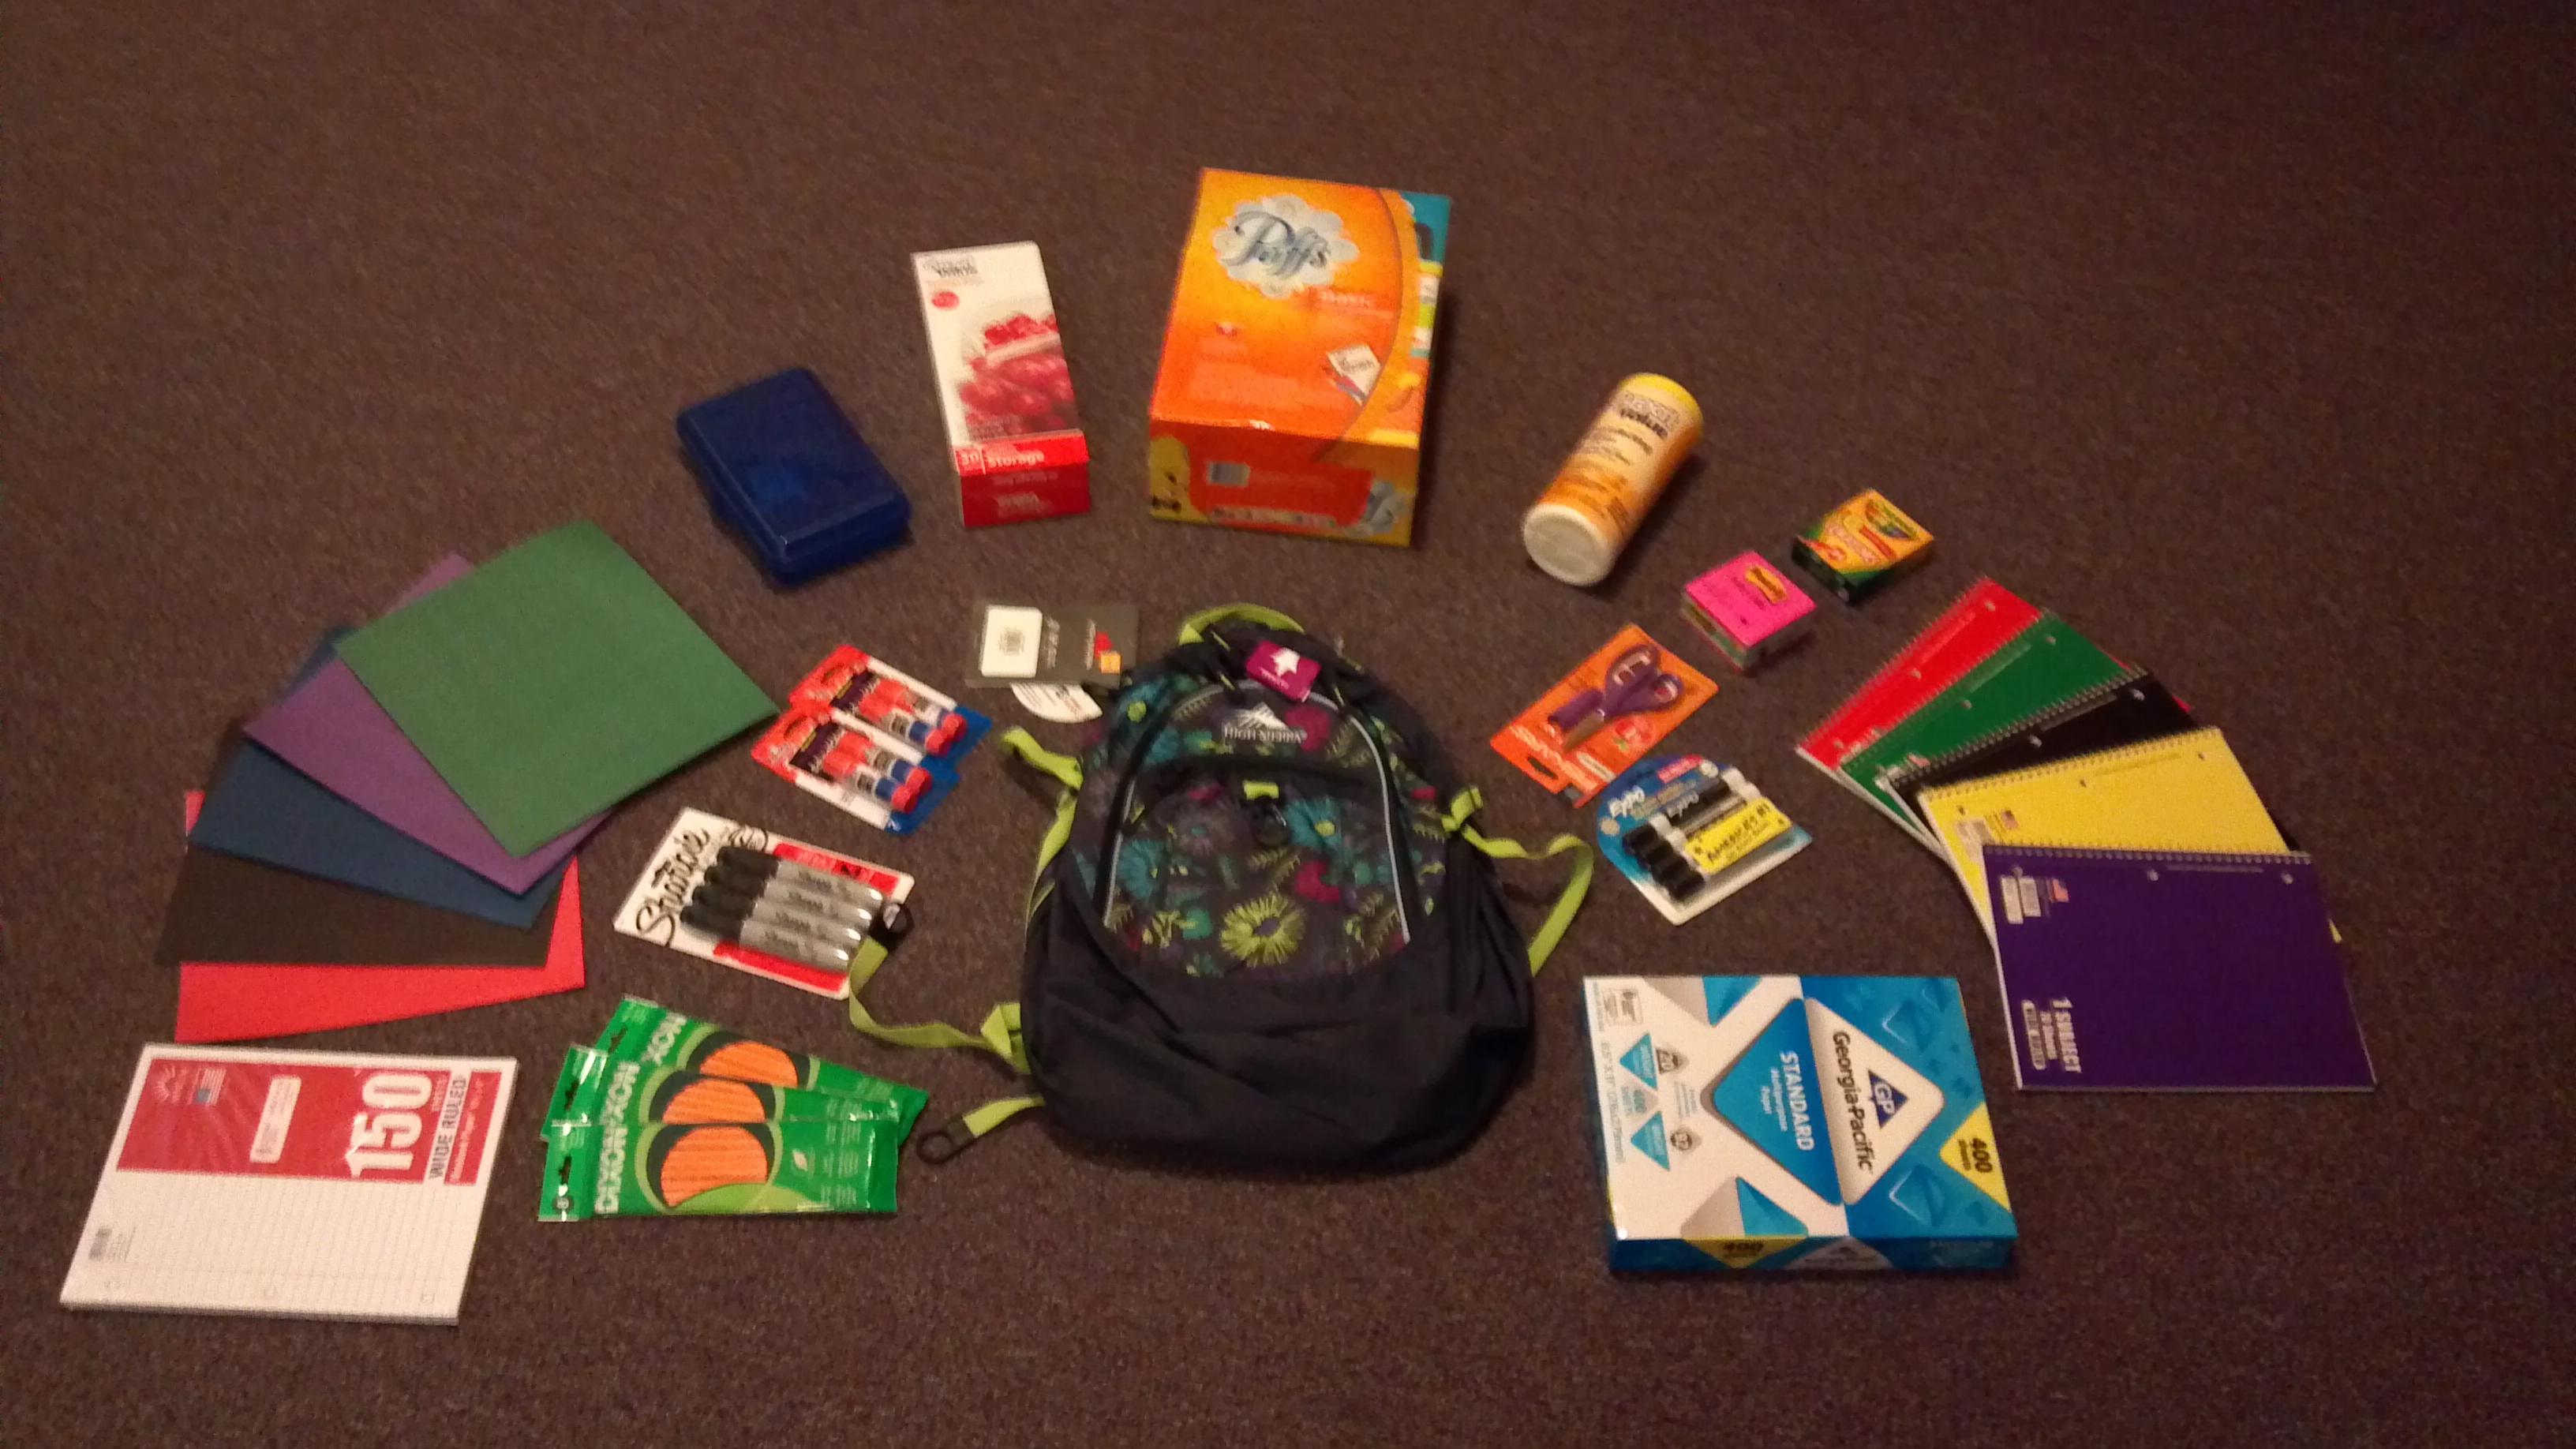 Backpacks for Samuelson